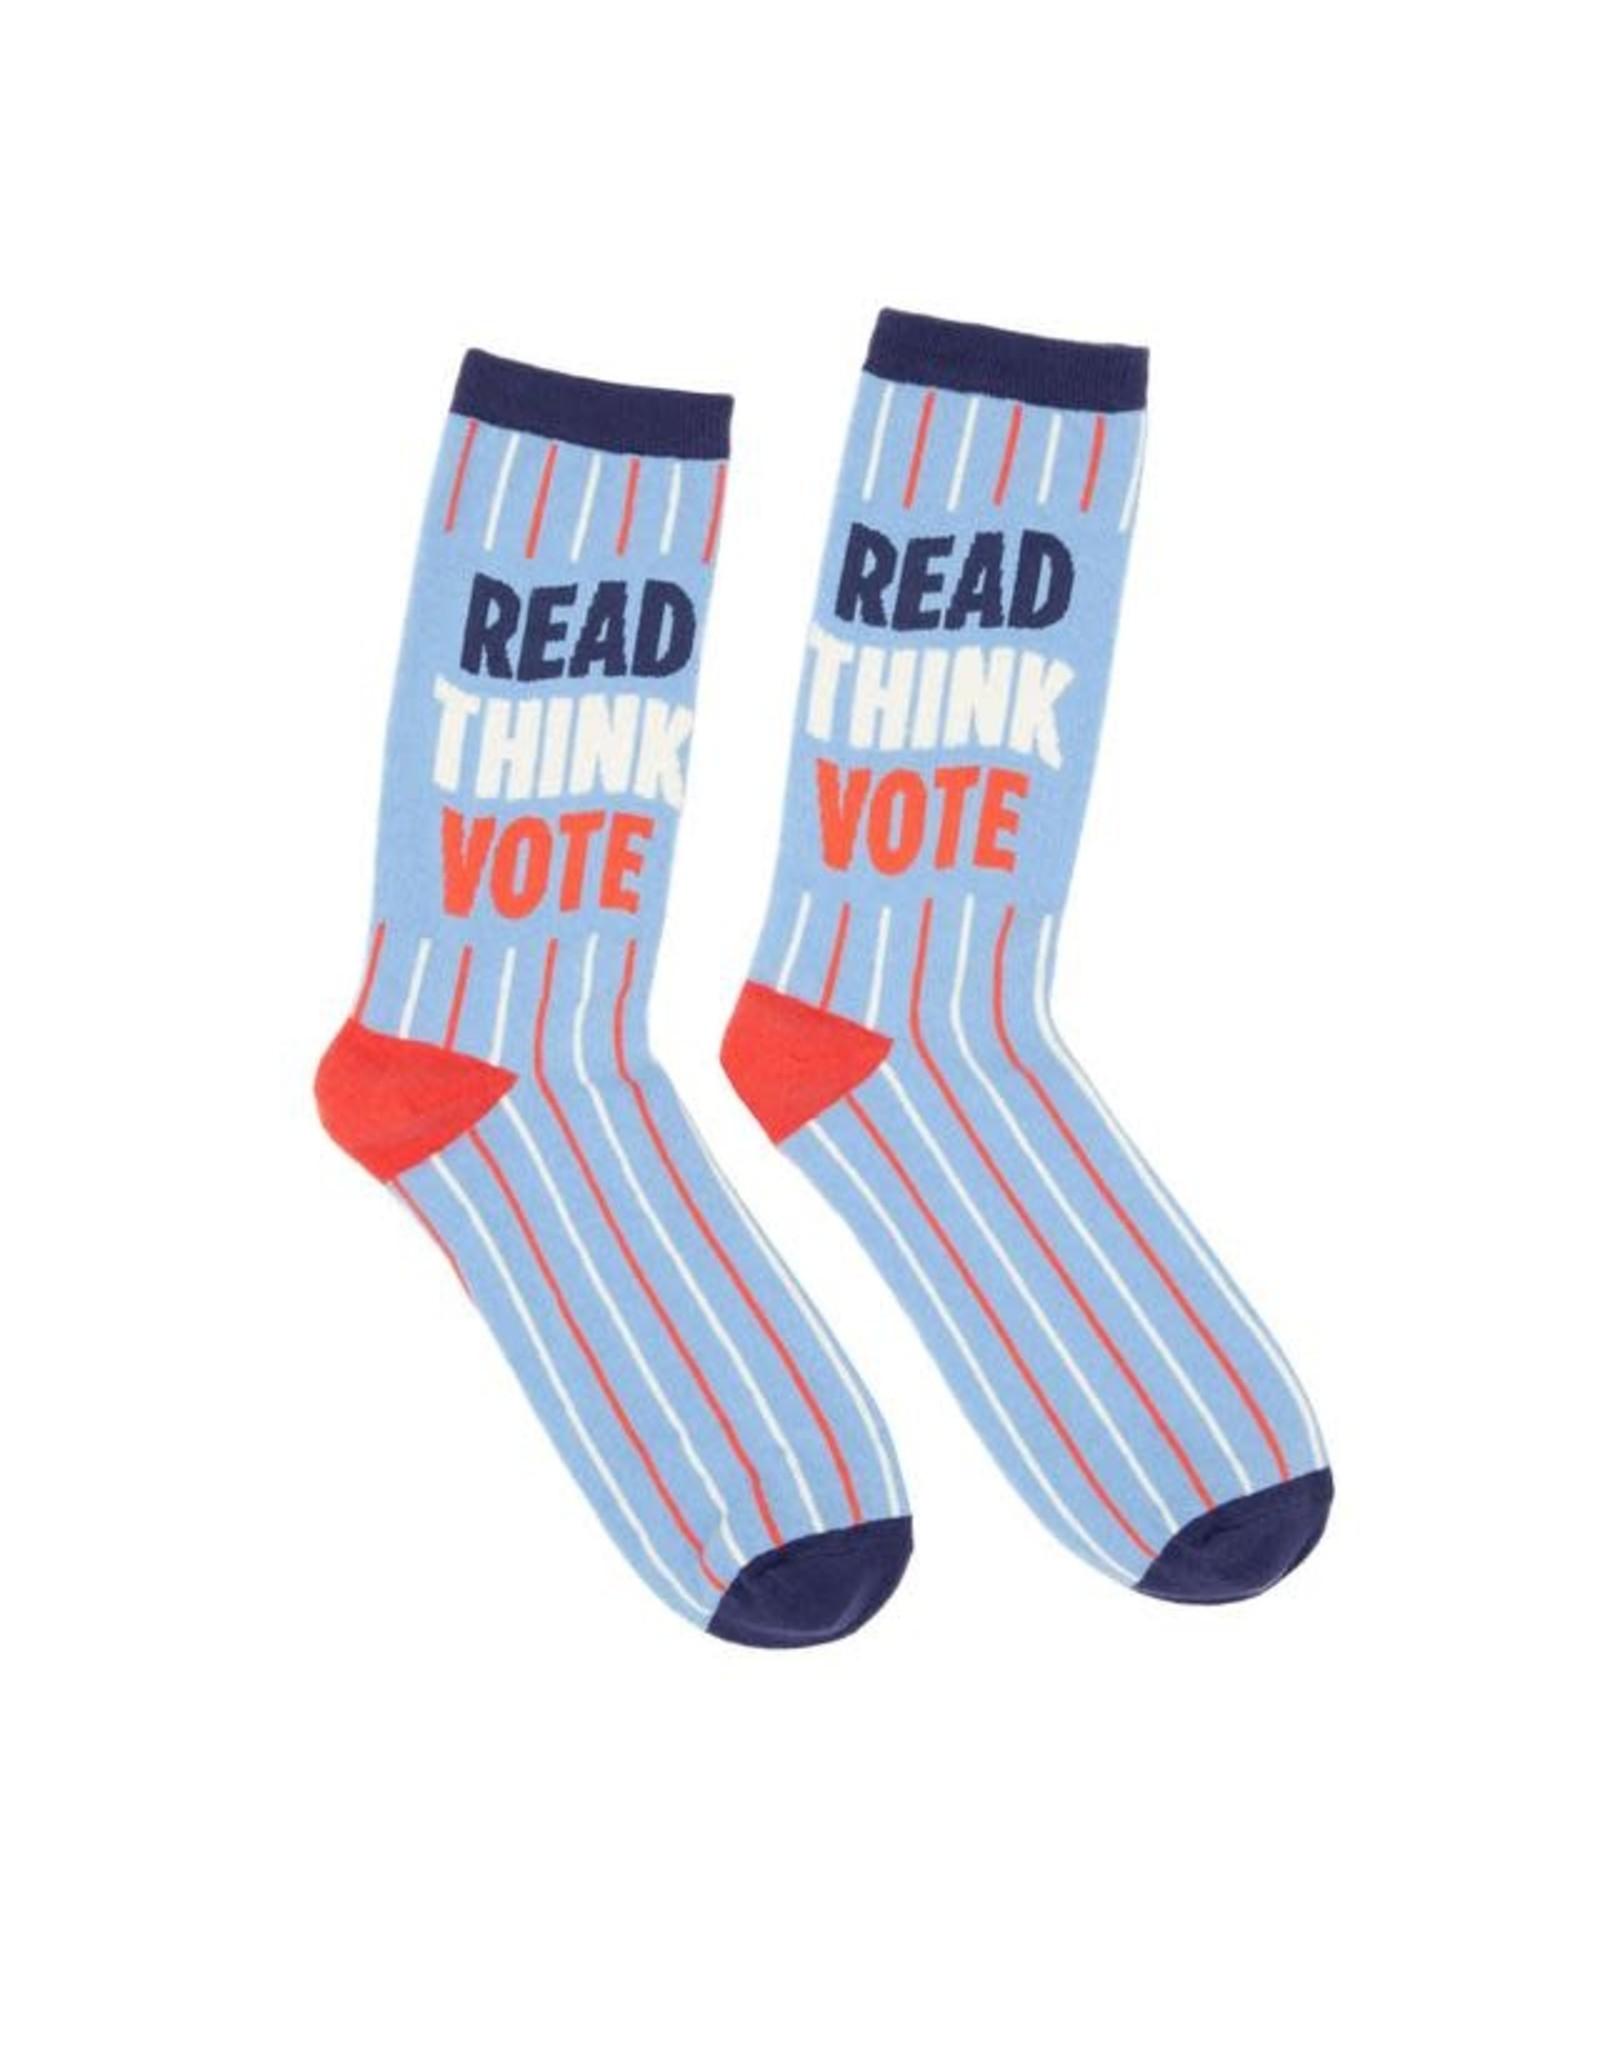 Socks (Unisex) - Read, Think, Vote (Small)